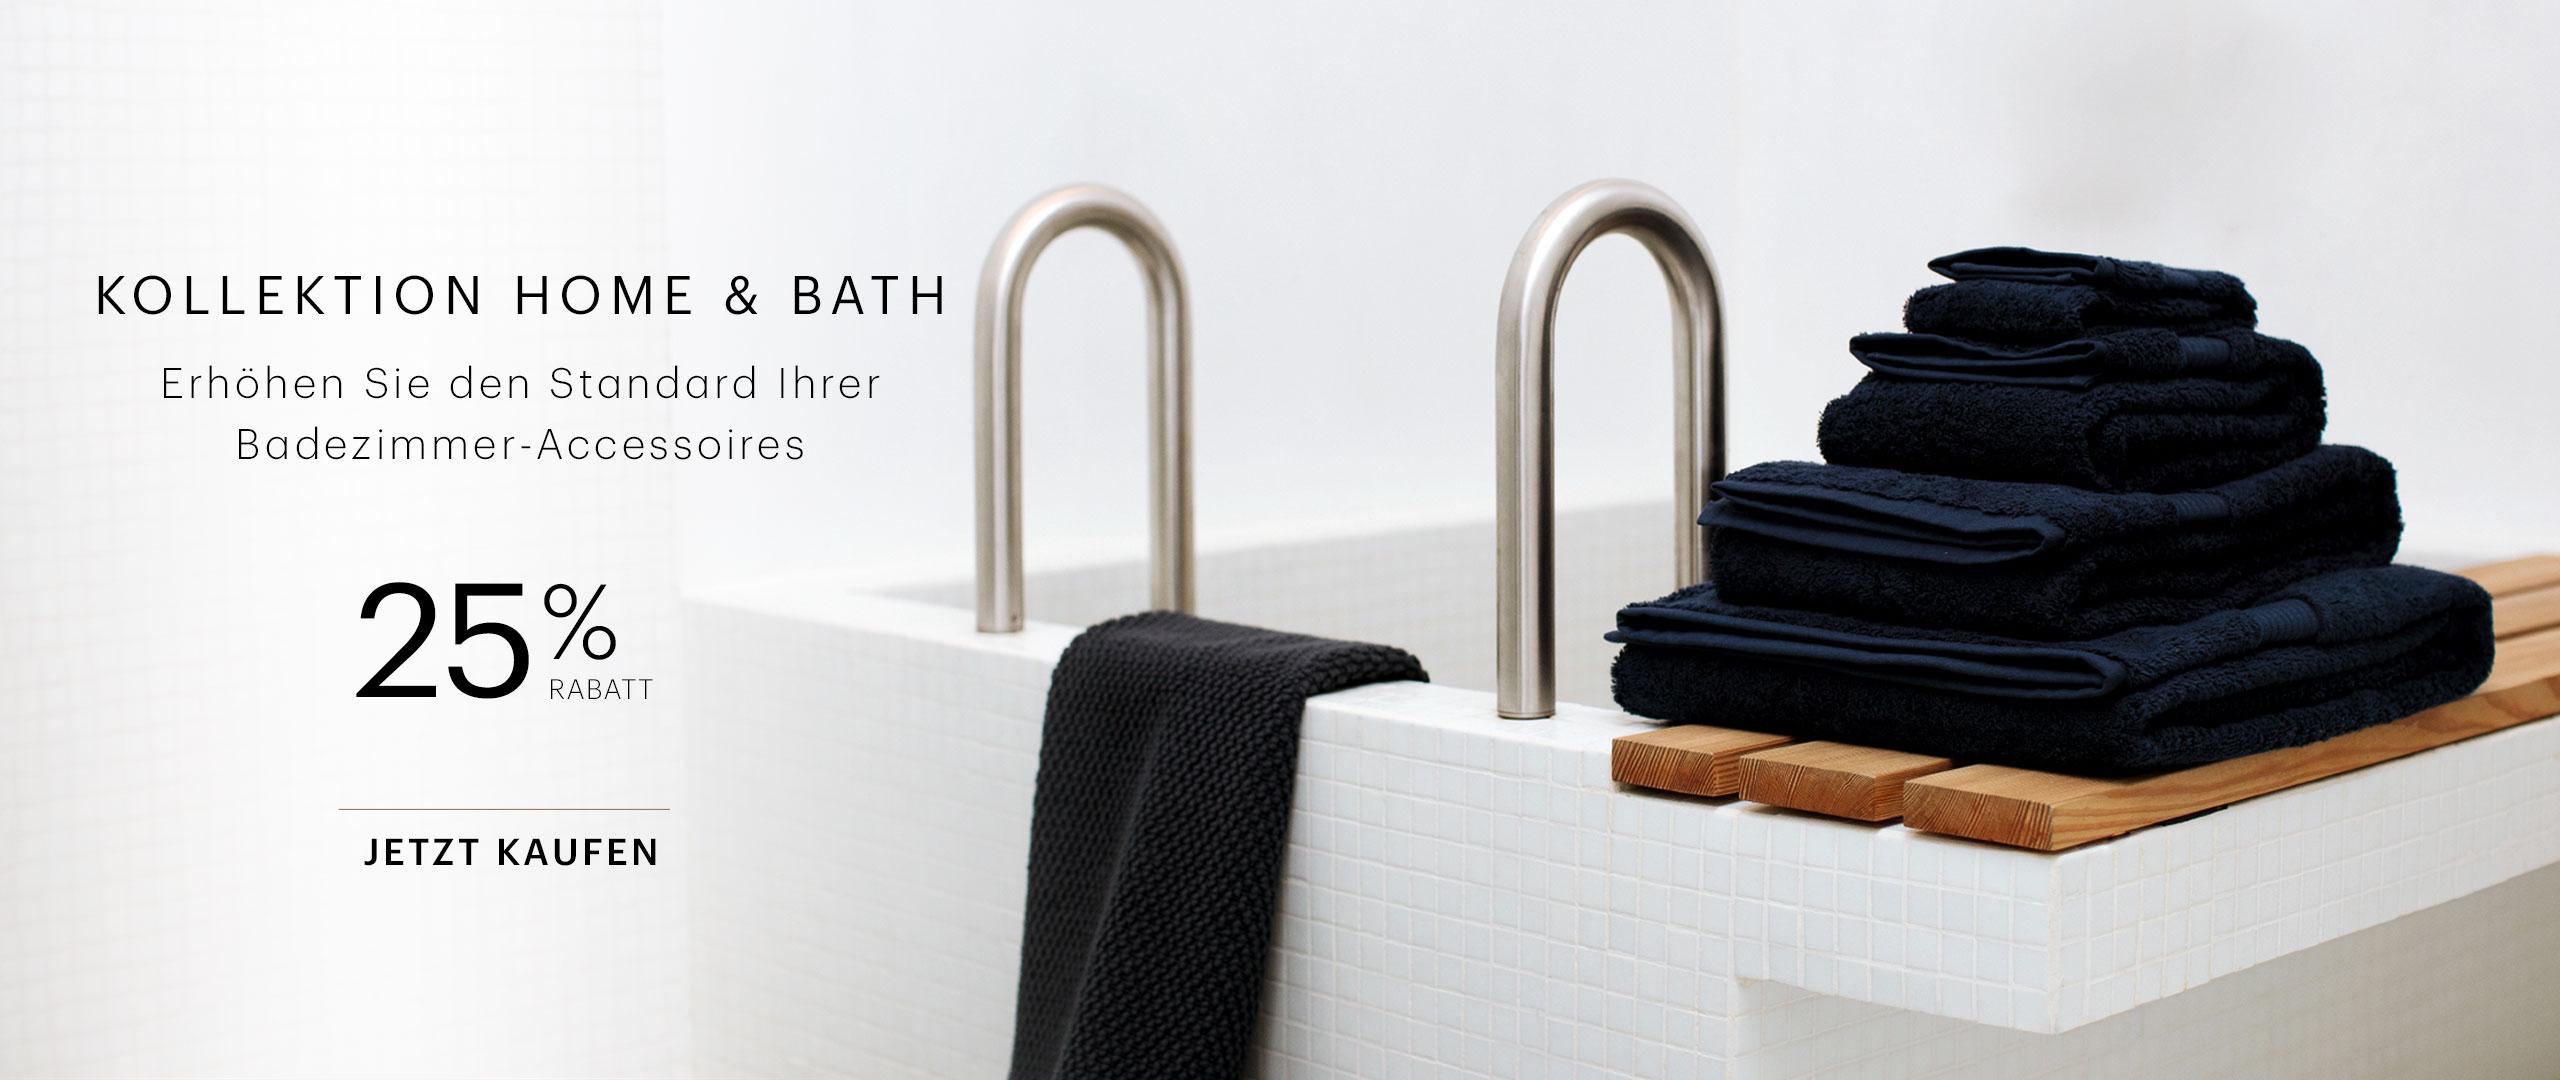 BEU [DE] - Home & Bath